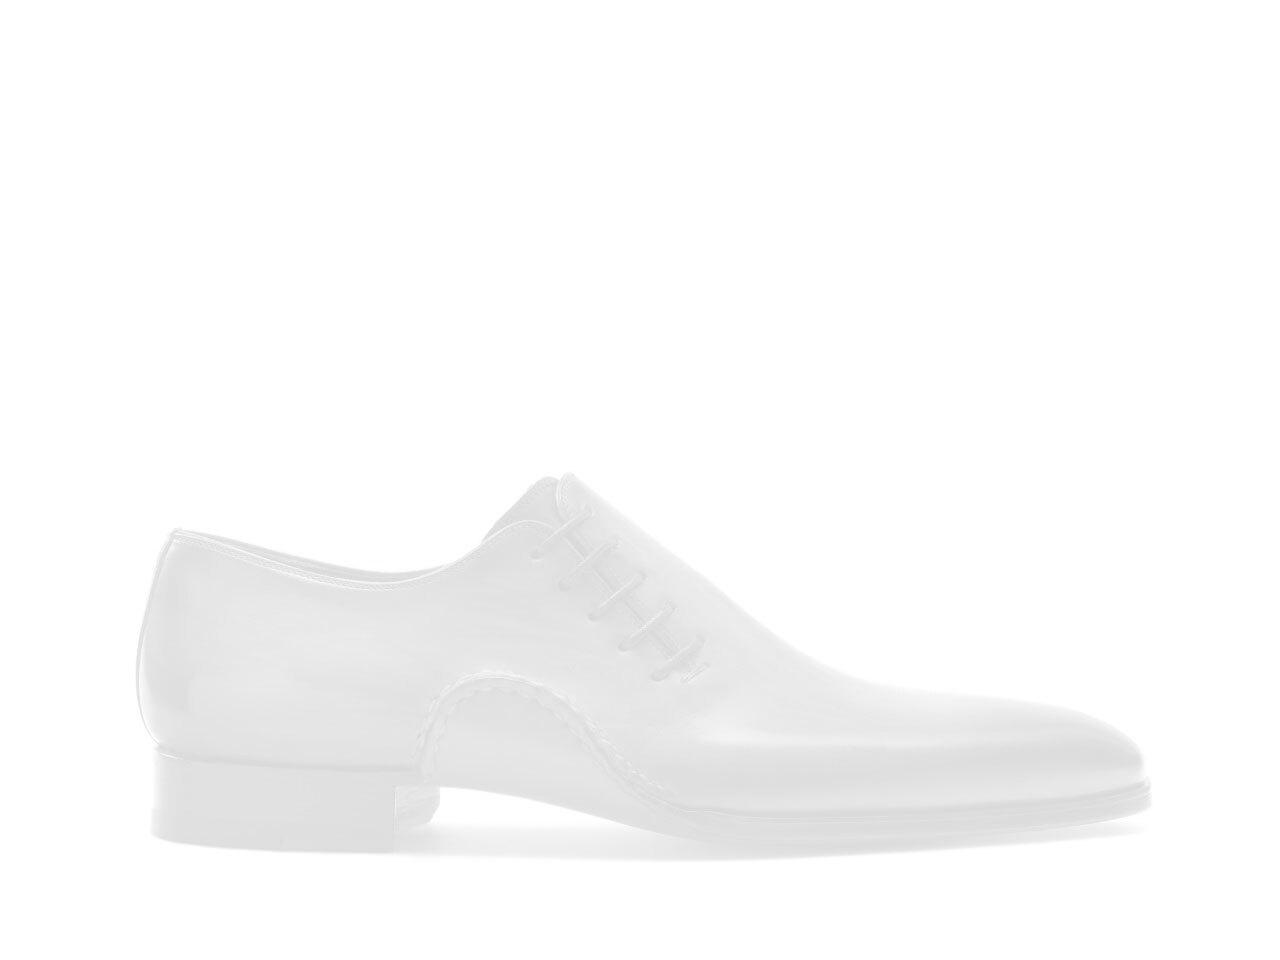 Navy blue suede loafer shoes for men - Magnanni